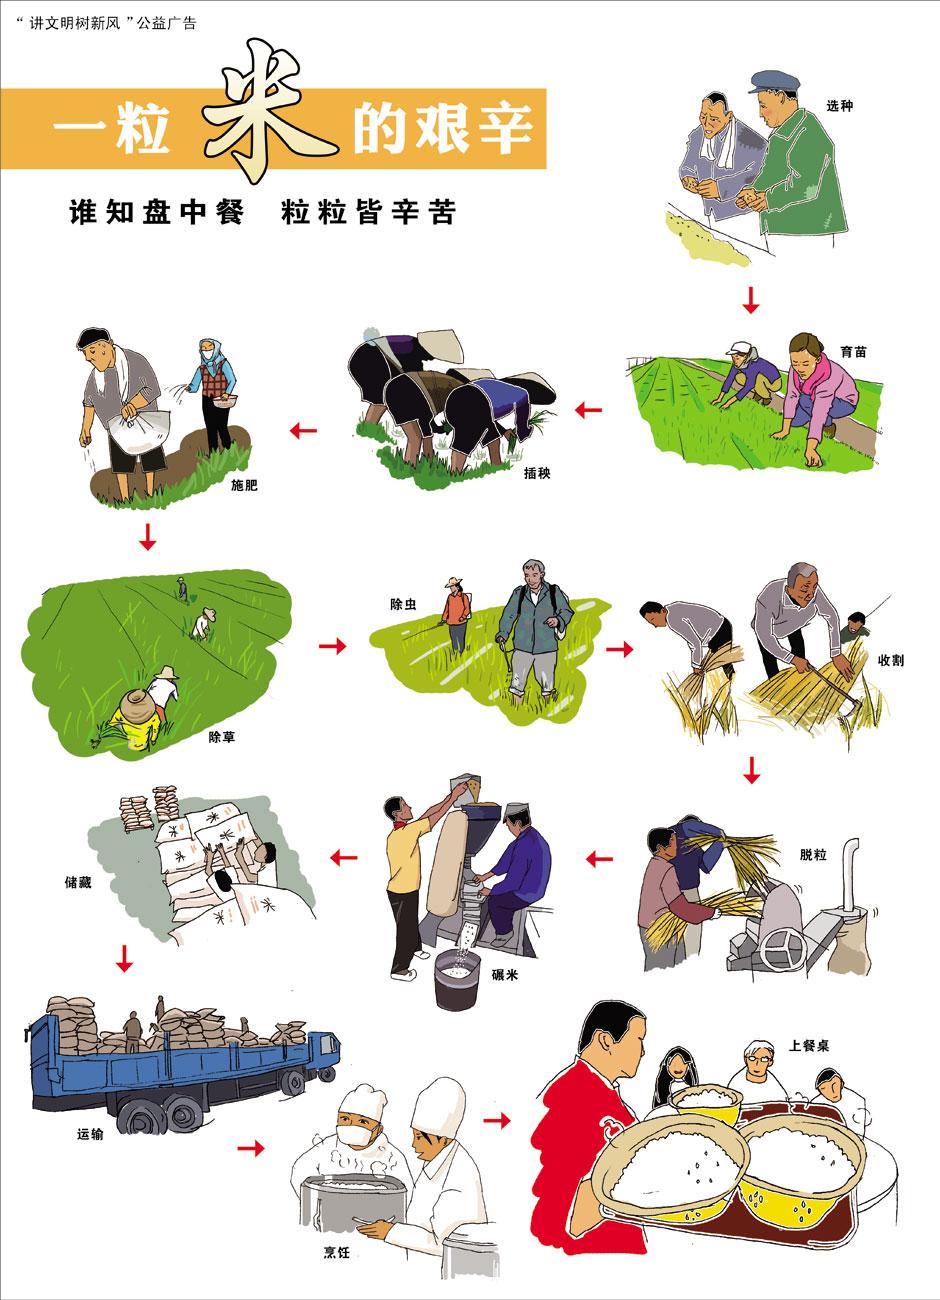 """""""讲文明树新风""""公益广告_腾讯新闻_腾讯网图片"""